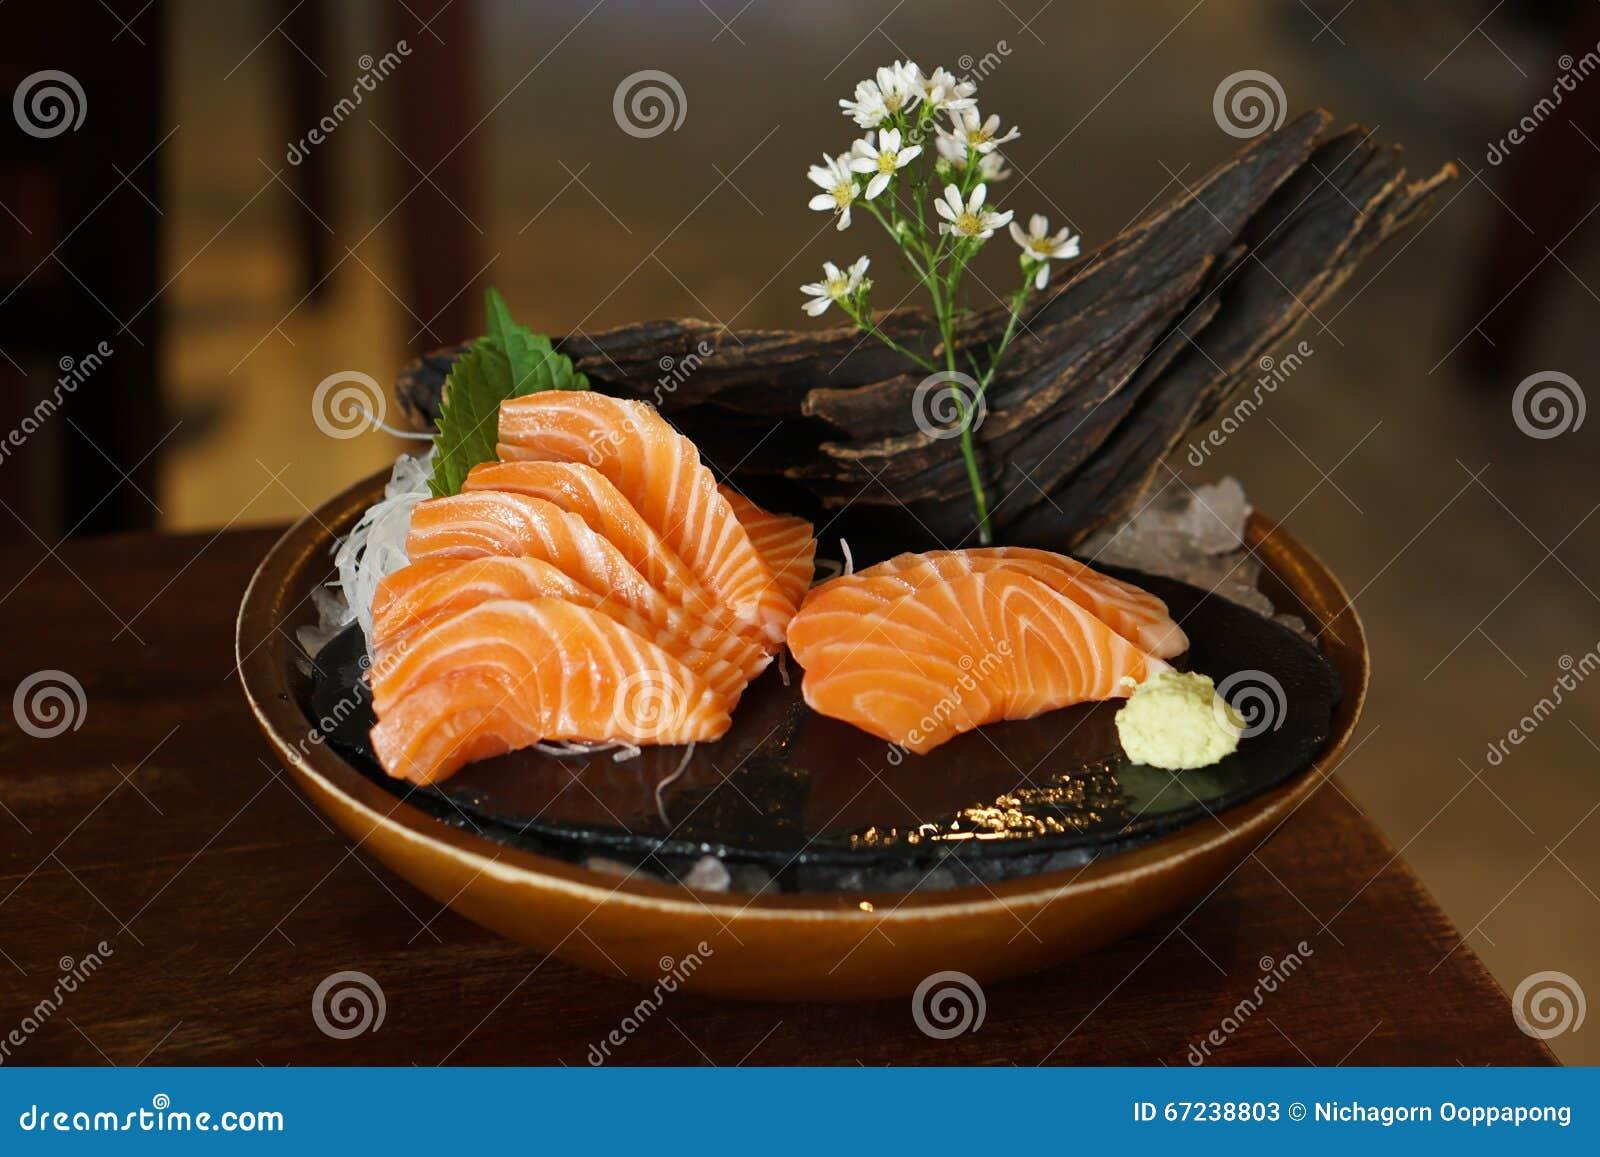 日本食物-三文鱼生鱼片